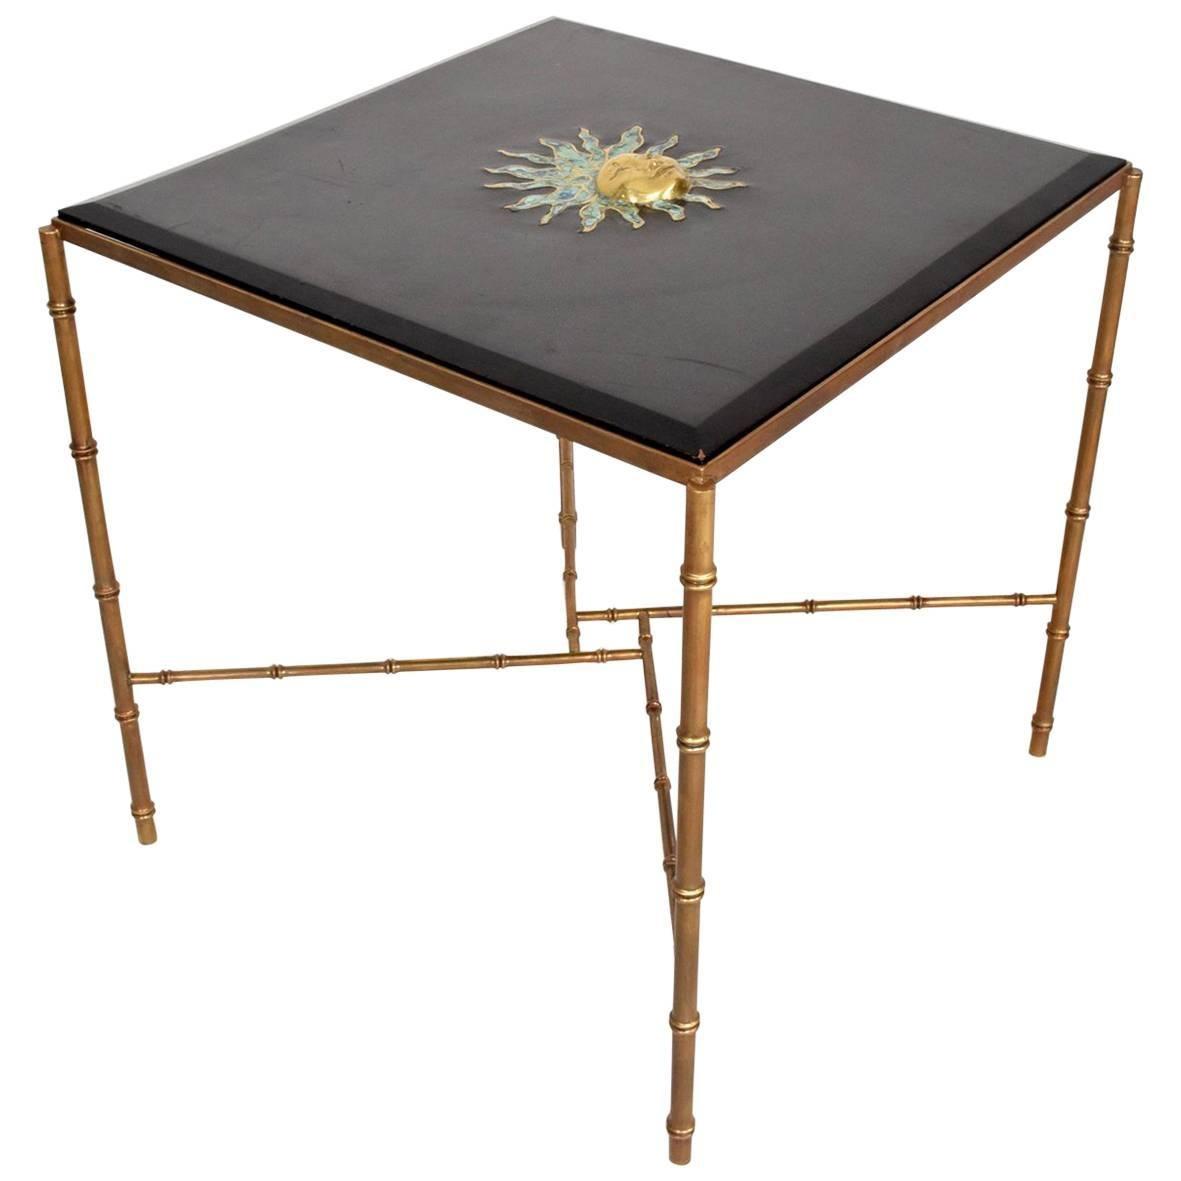 Mexican Modernist Centre Table in Brass, Wood & Malachite, Pepe Mendoza Square